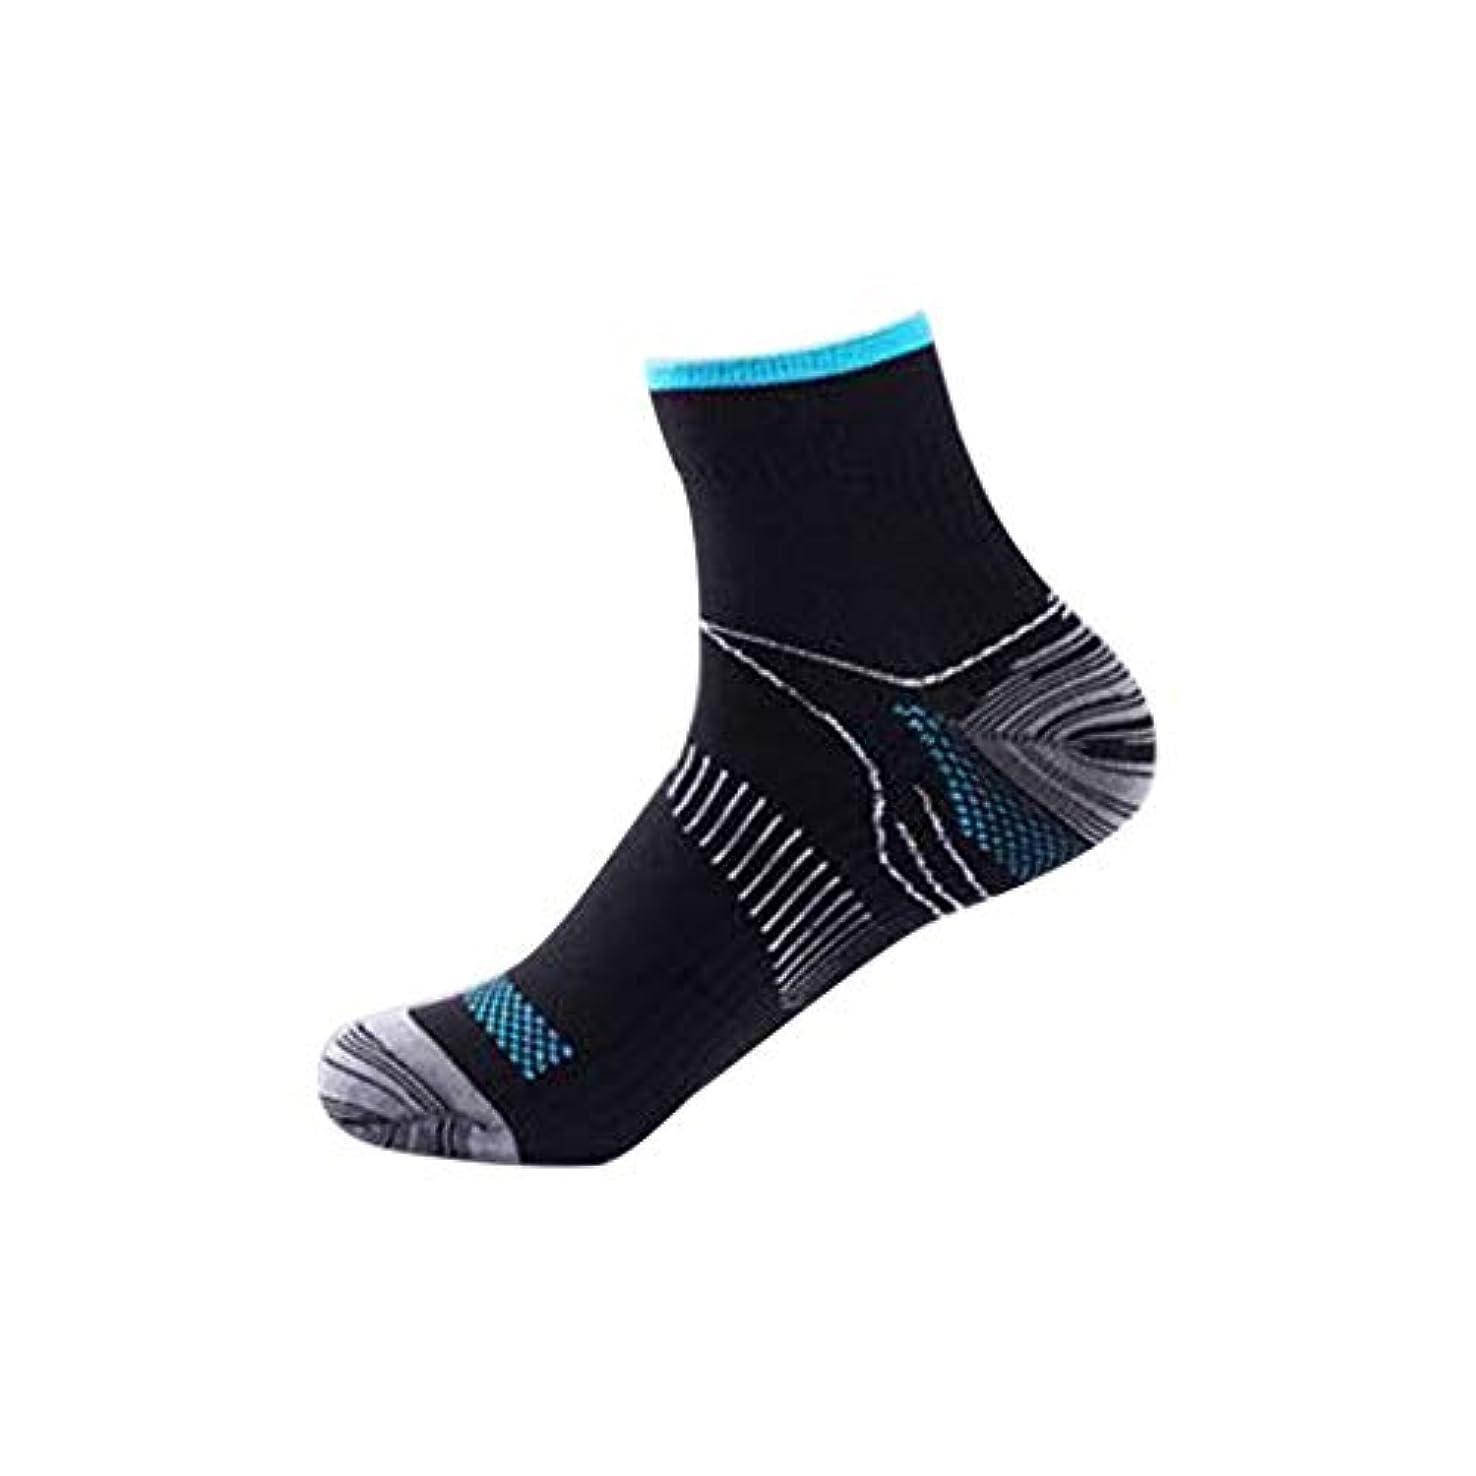 再生週間アナログ快適な男性の女性の膝の靴下のサポートストレッチ通気性の靴下の下の短いストレッチ圧縮の靴下(Color:black&blue)(Size:S/M)